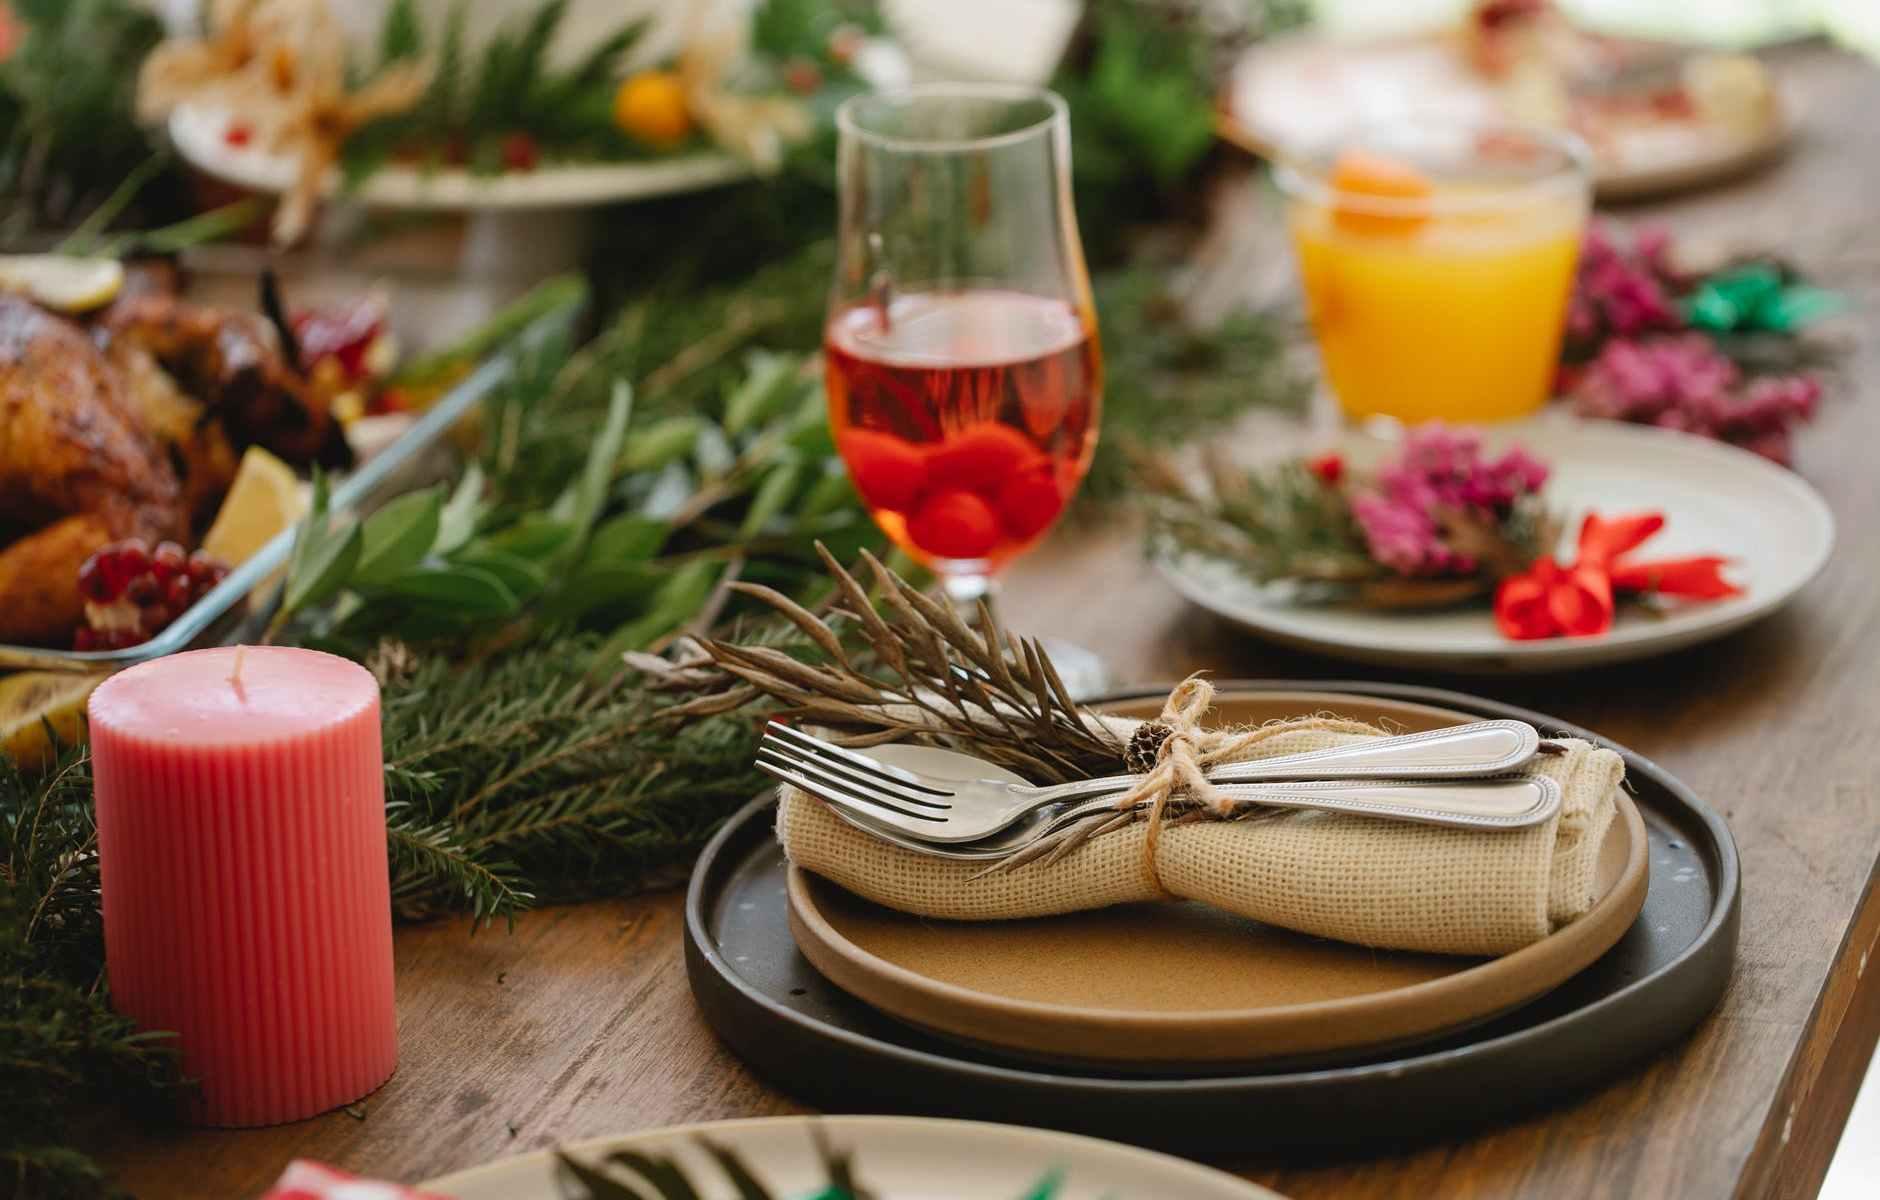 RV Kitchen Gadgets that make camp meals wonderful